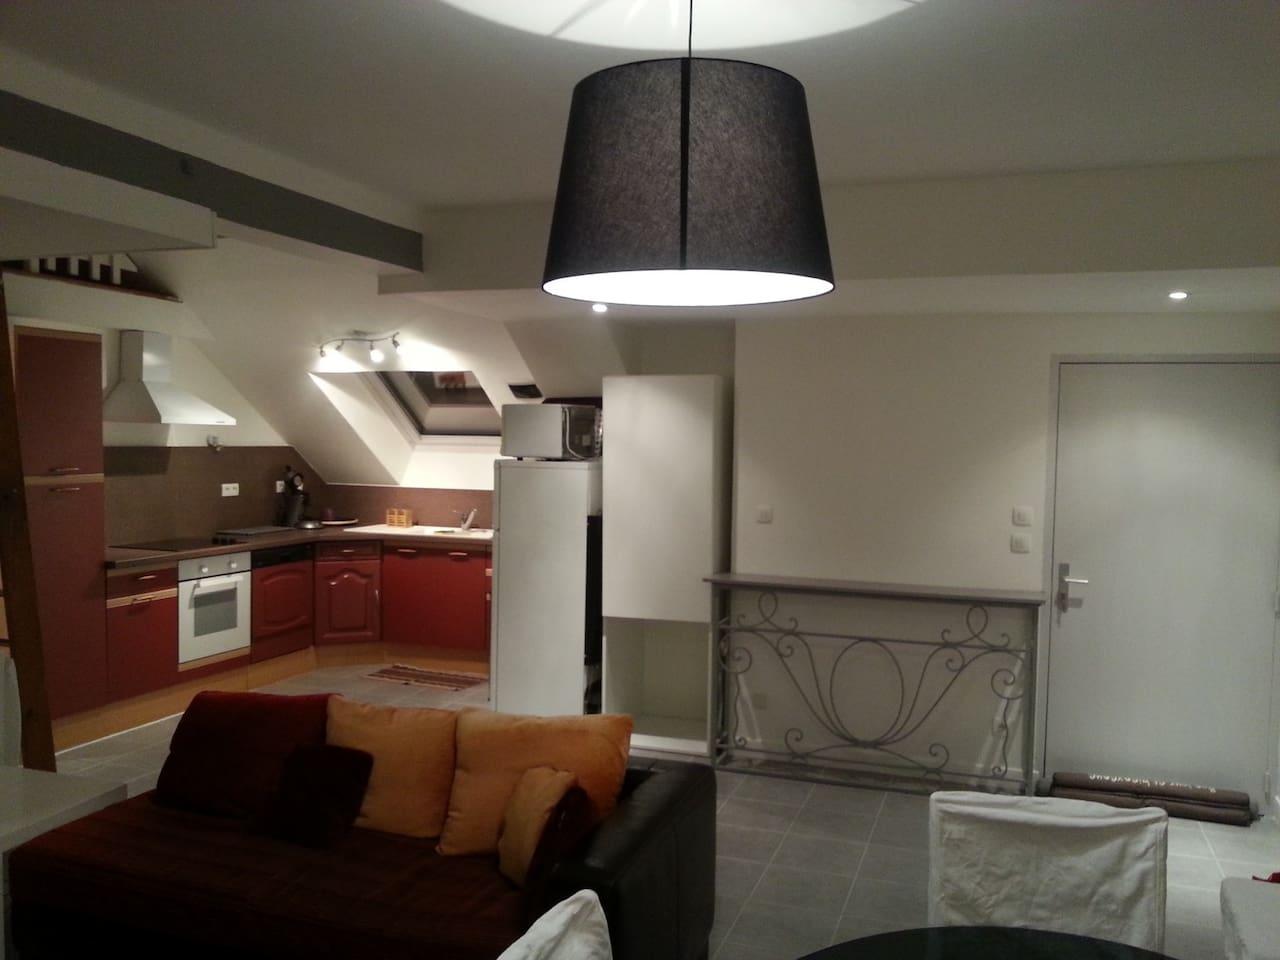 cuisine ouverte sur un salon de 35 m²